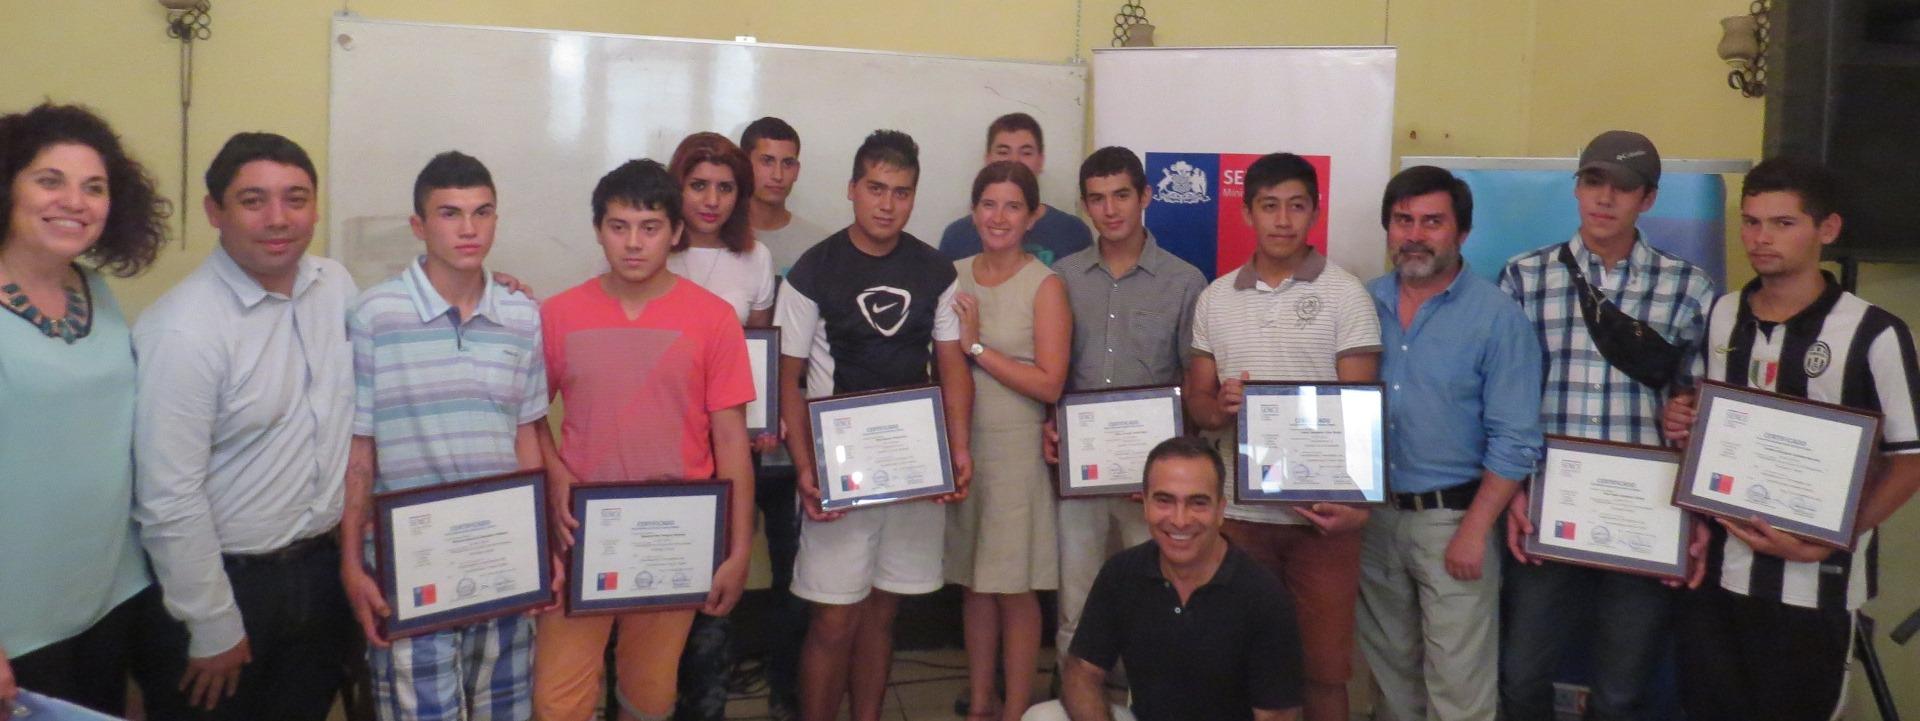 Jóvenes que cumplen condena finalizan con éxito capacitaciones en Talca